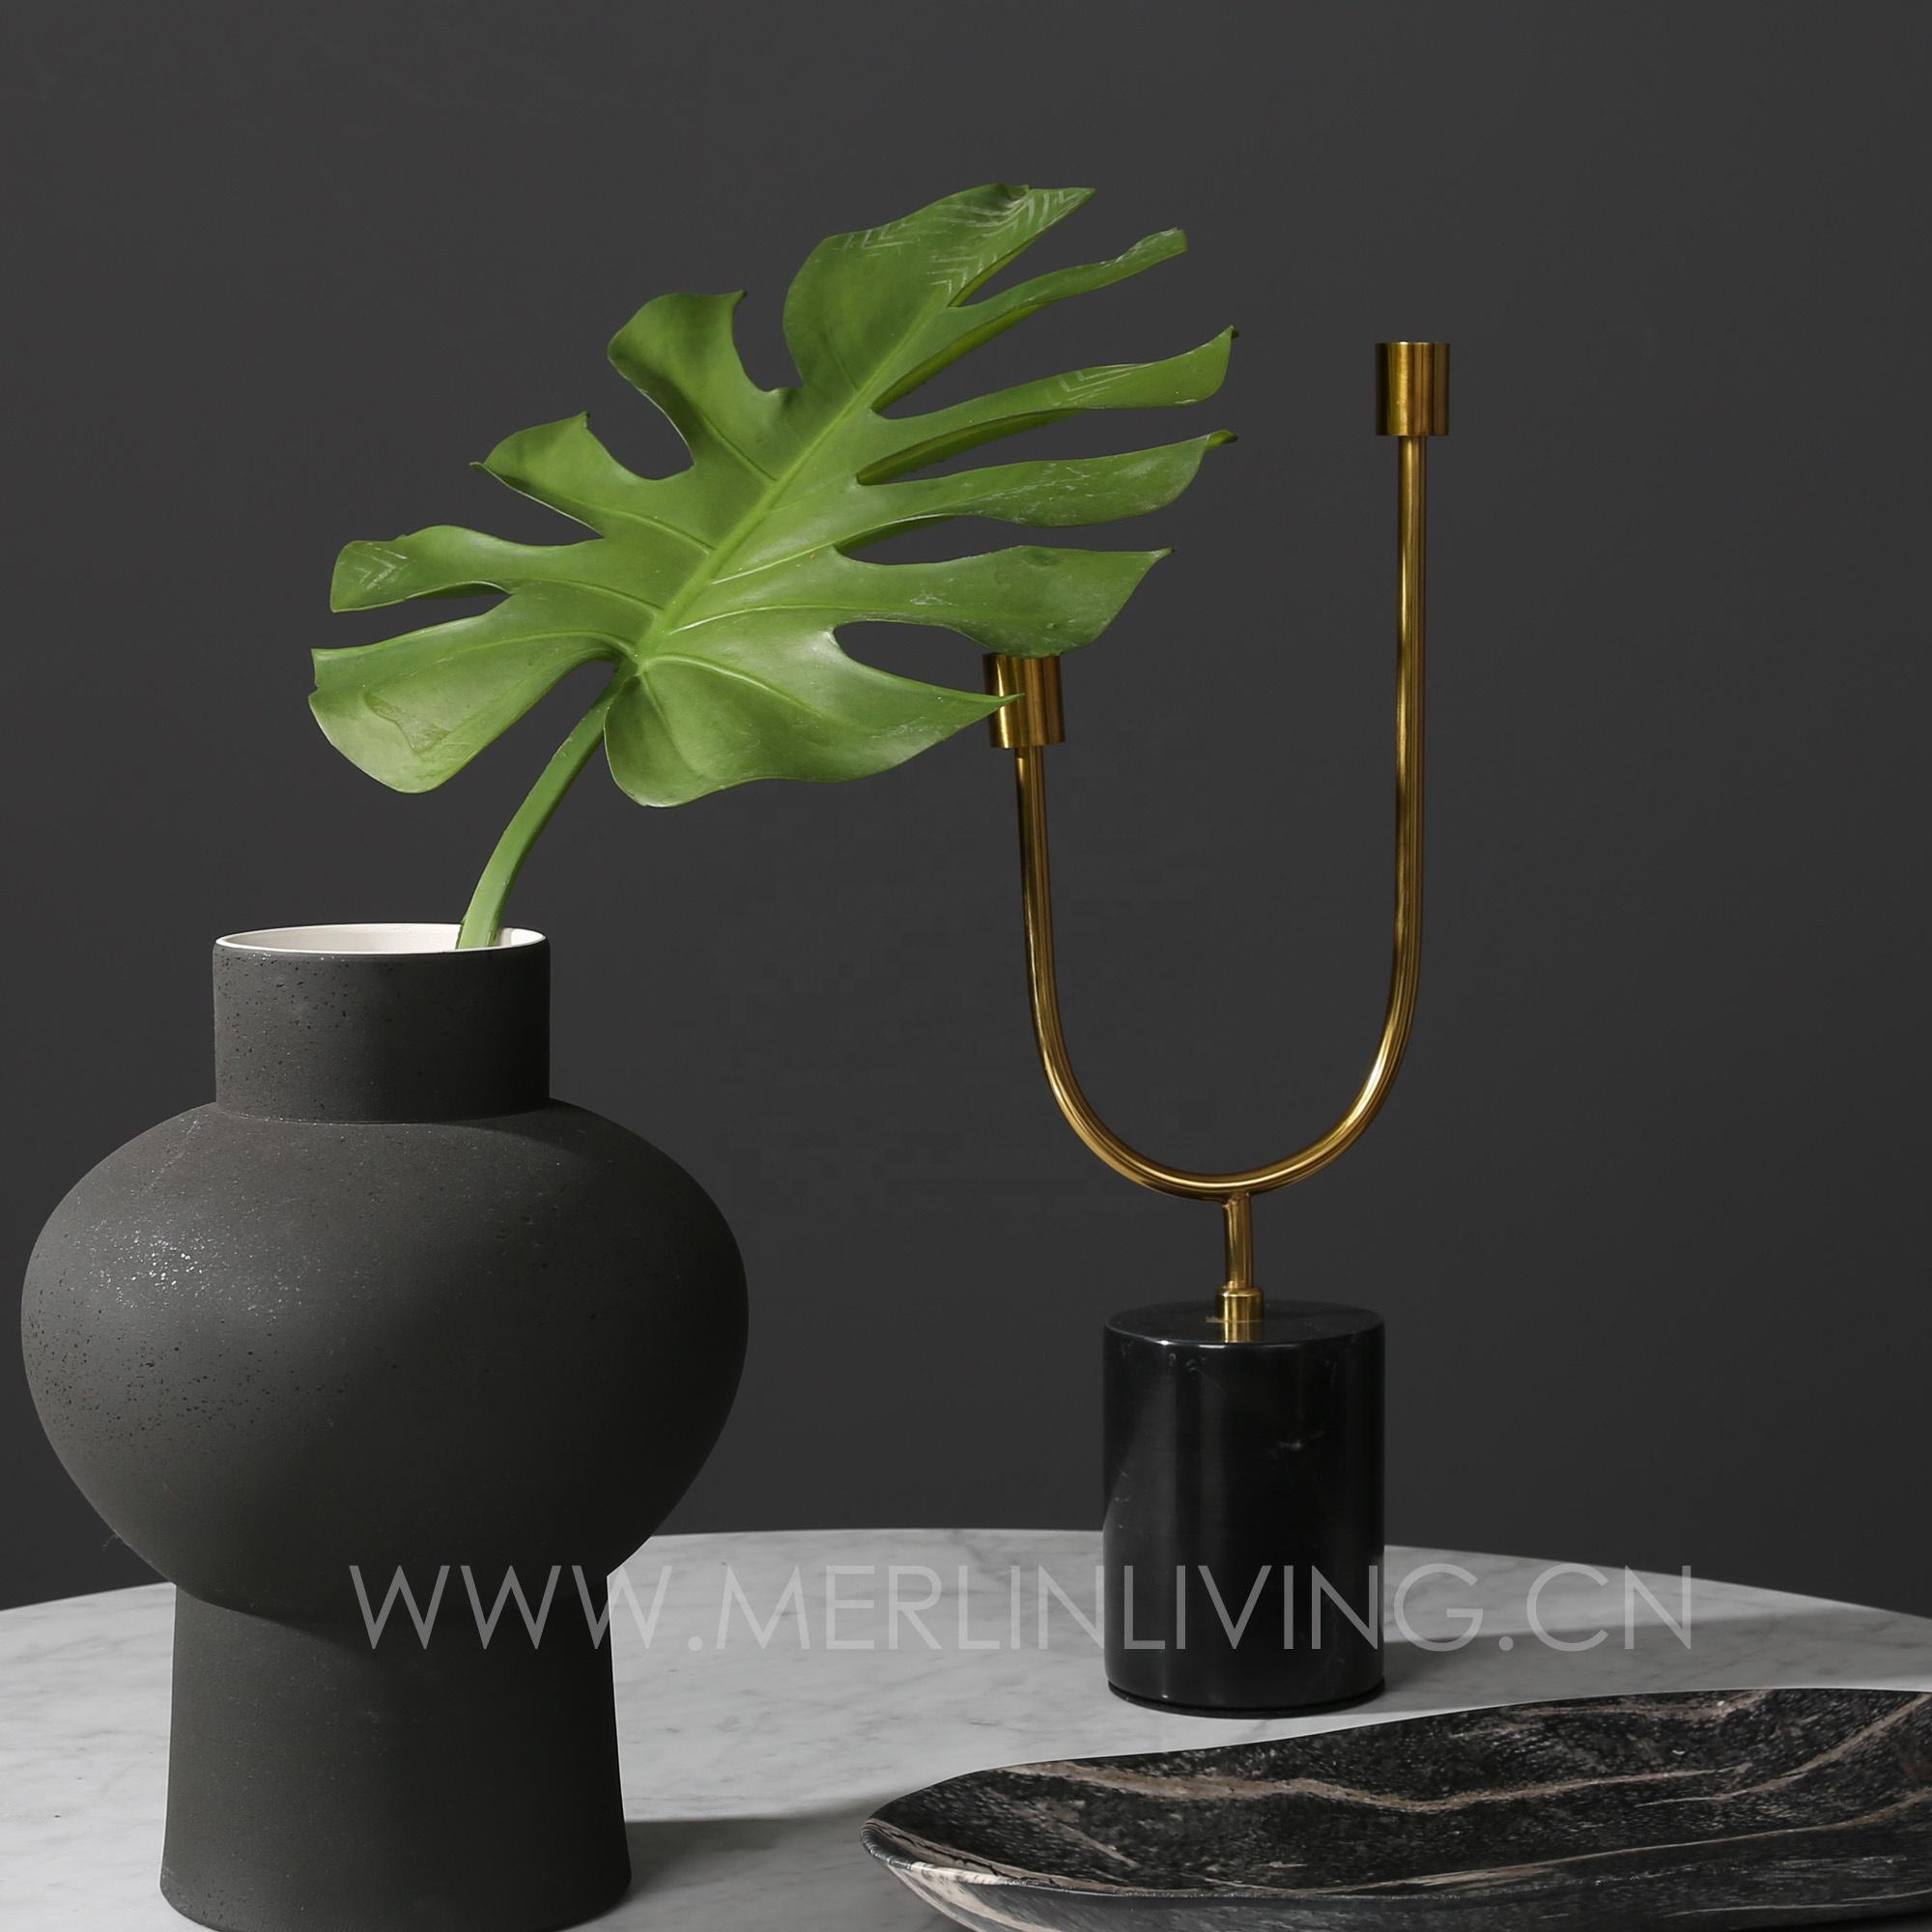 Home Decoration Accessories Decor